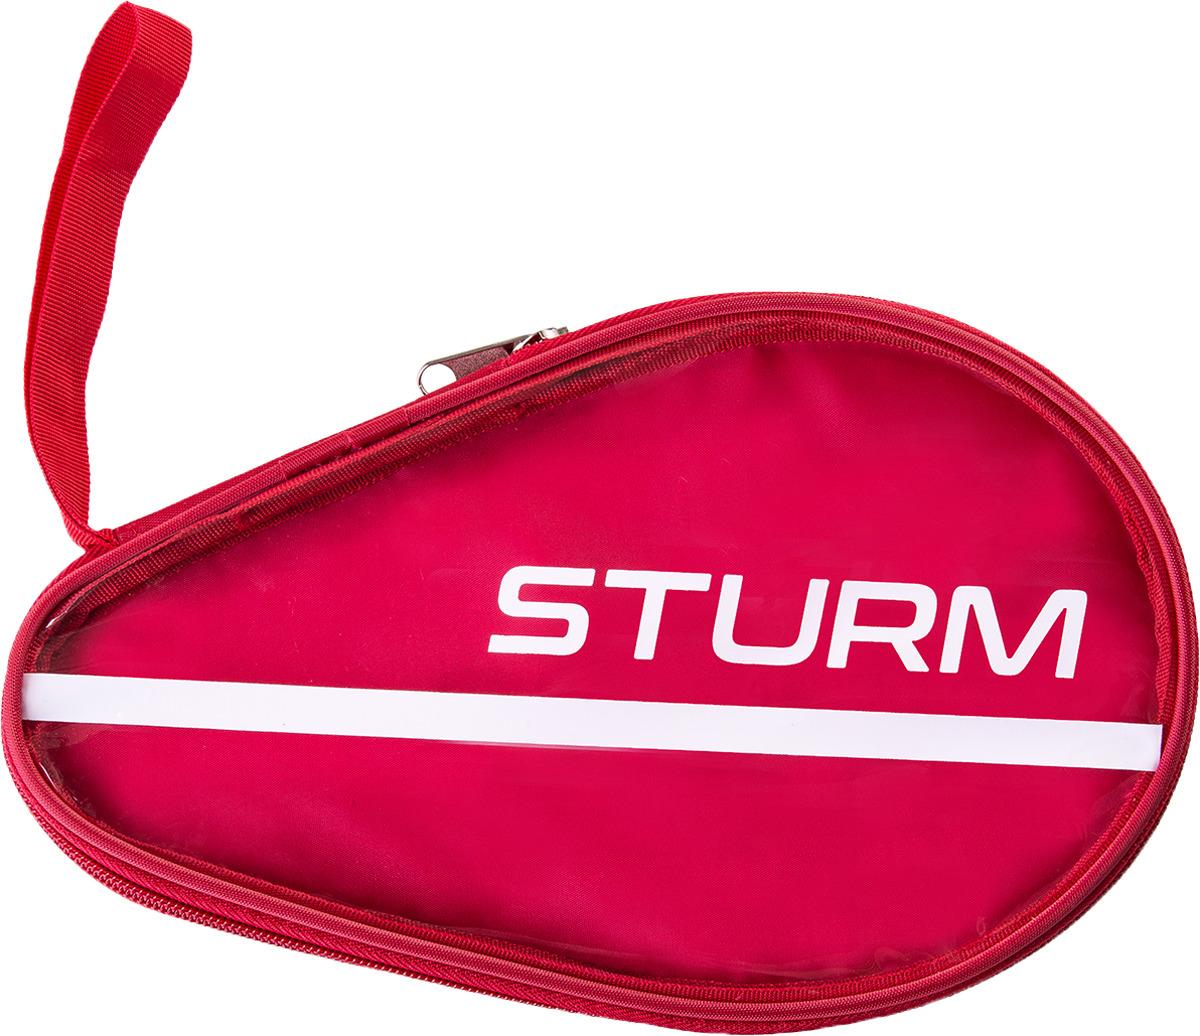 Чехол для ракетки для настольного тенниса STURM для одной ракетки Чехол для одной ракетки для настольного тенниса и трех мячей для настольного тенниса. Универсальный размер. Удобная молния увеличенной длины позволяет раскрыть чехол на 180 градусов. Чехол сшит из современных синтетических материалов. Снаружи - ткань оксфорд, внутри - полиэстер, подкладка выполнена из ППЭ (пенополиэтилена). Прозрачное окно выполнено из пленки ПВХ повышенной плотности. Армирующие ребра жесткости позволяют чехлу держать форму. Нанесение на чехле - трансферная печать. Размер, см: 28х17